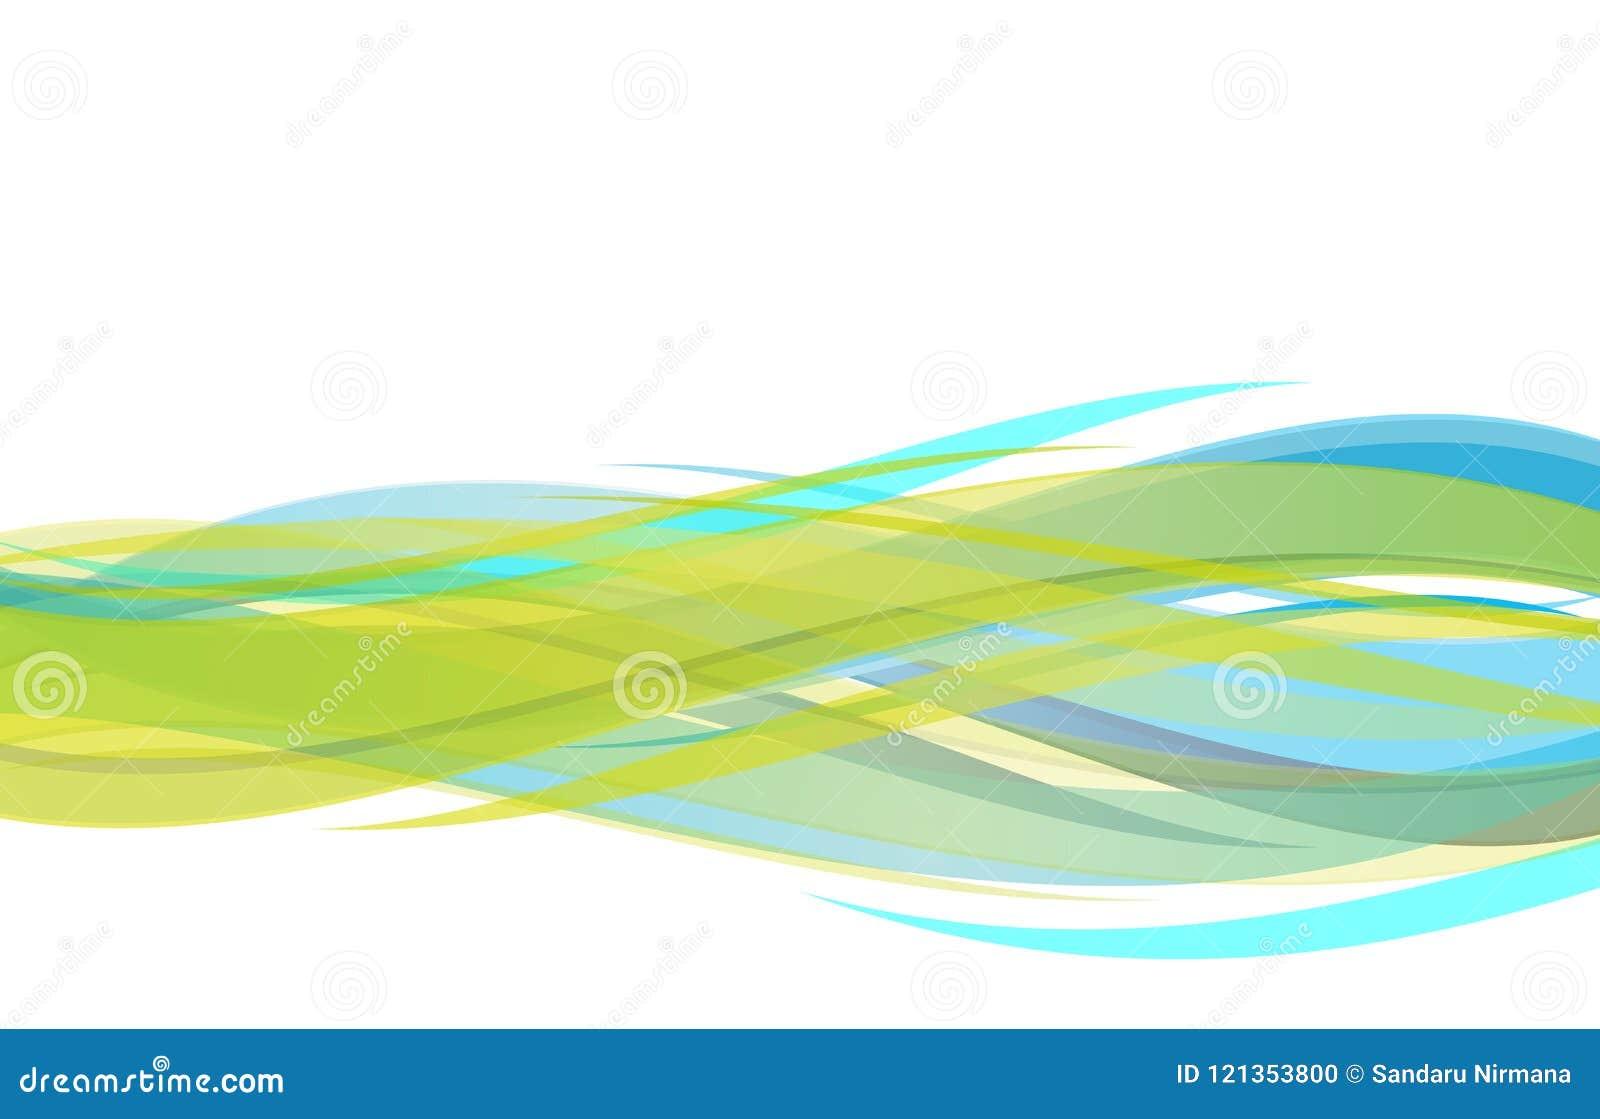 Wektorowej abstrakt zieleni błękitny i żółty falisty tło, tapeta dla jakaś projekta